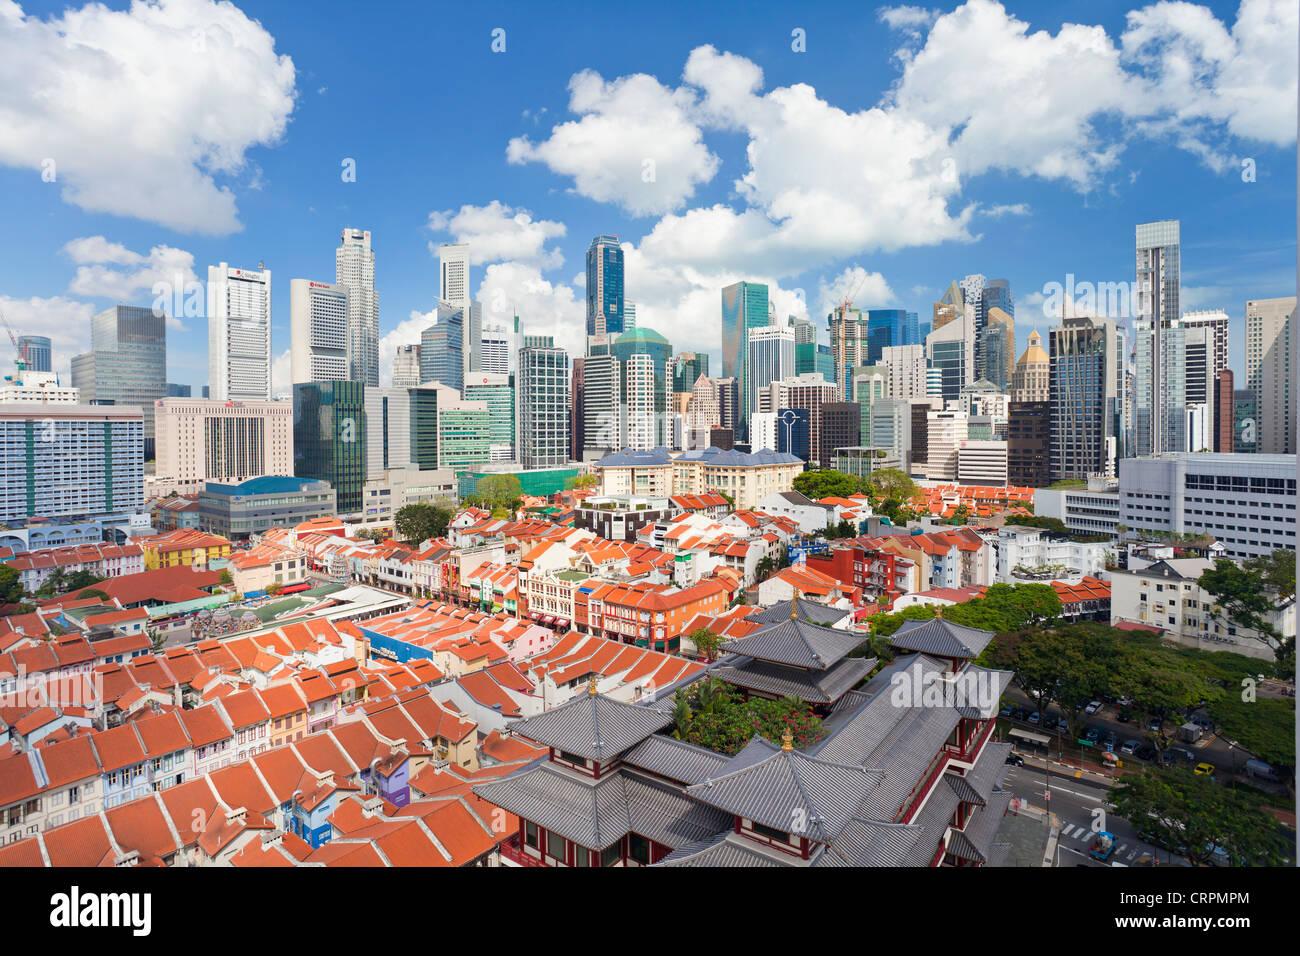 Vista in elevazione su case tradizionali in Chinatown, Singapore, Sud-est asiatico, in Asia Immagini Stock